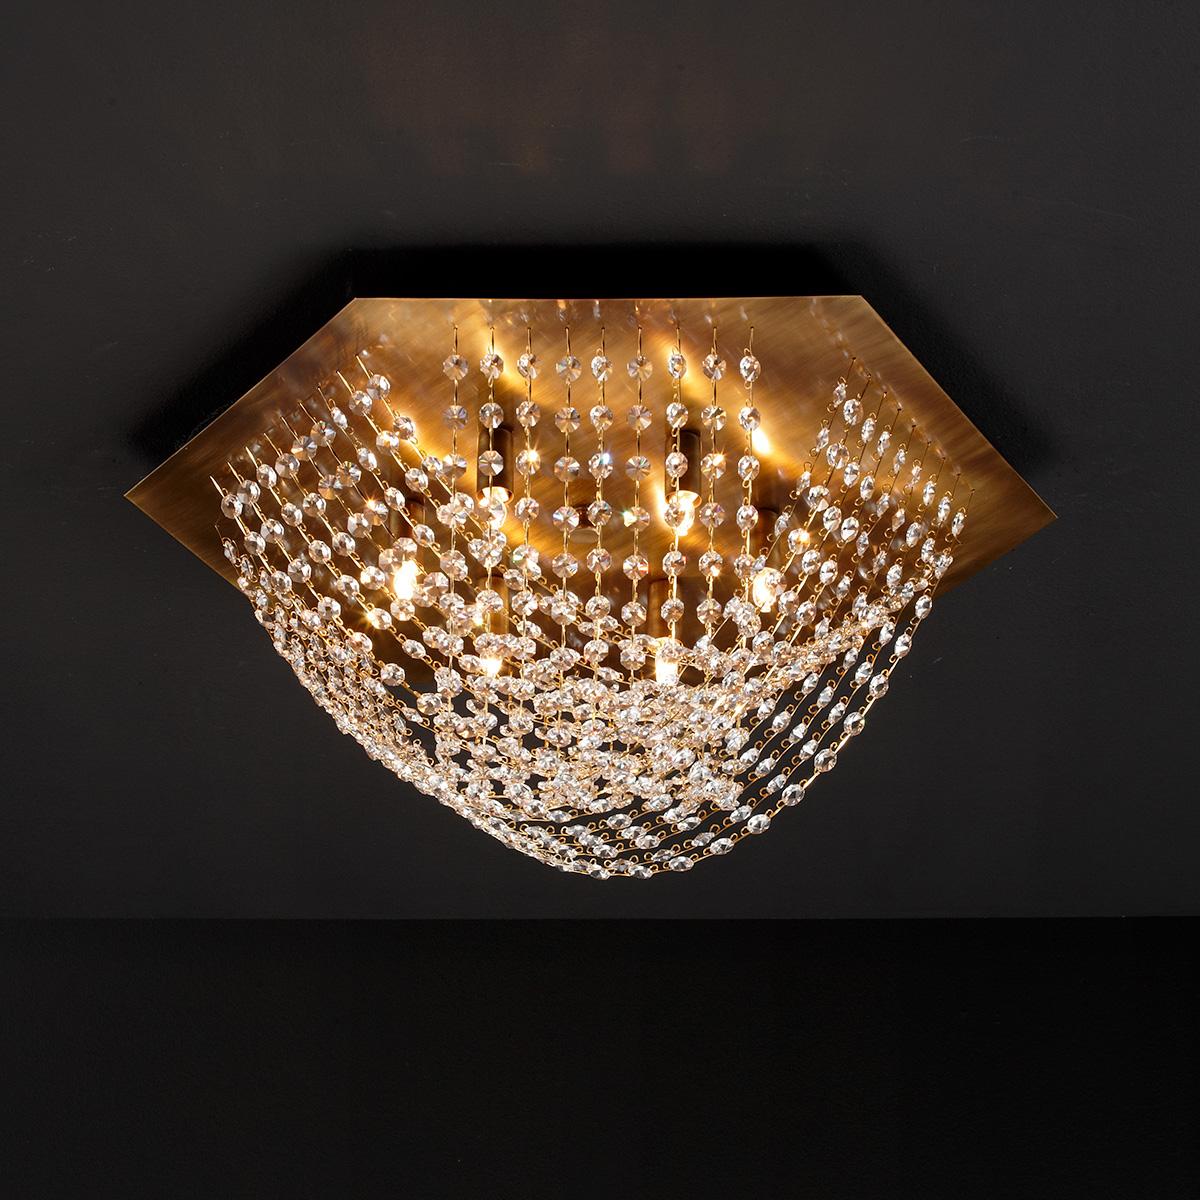 Κλασικό φωτιστικό οροφής με κρύσταλλα ΔΙΟΝ classic ceiling lamp with crystal accents